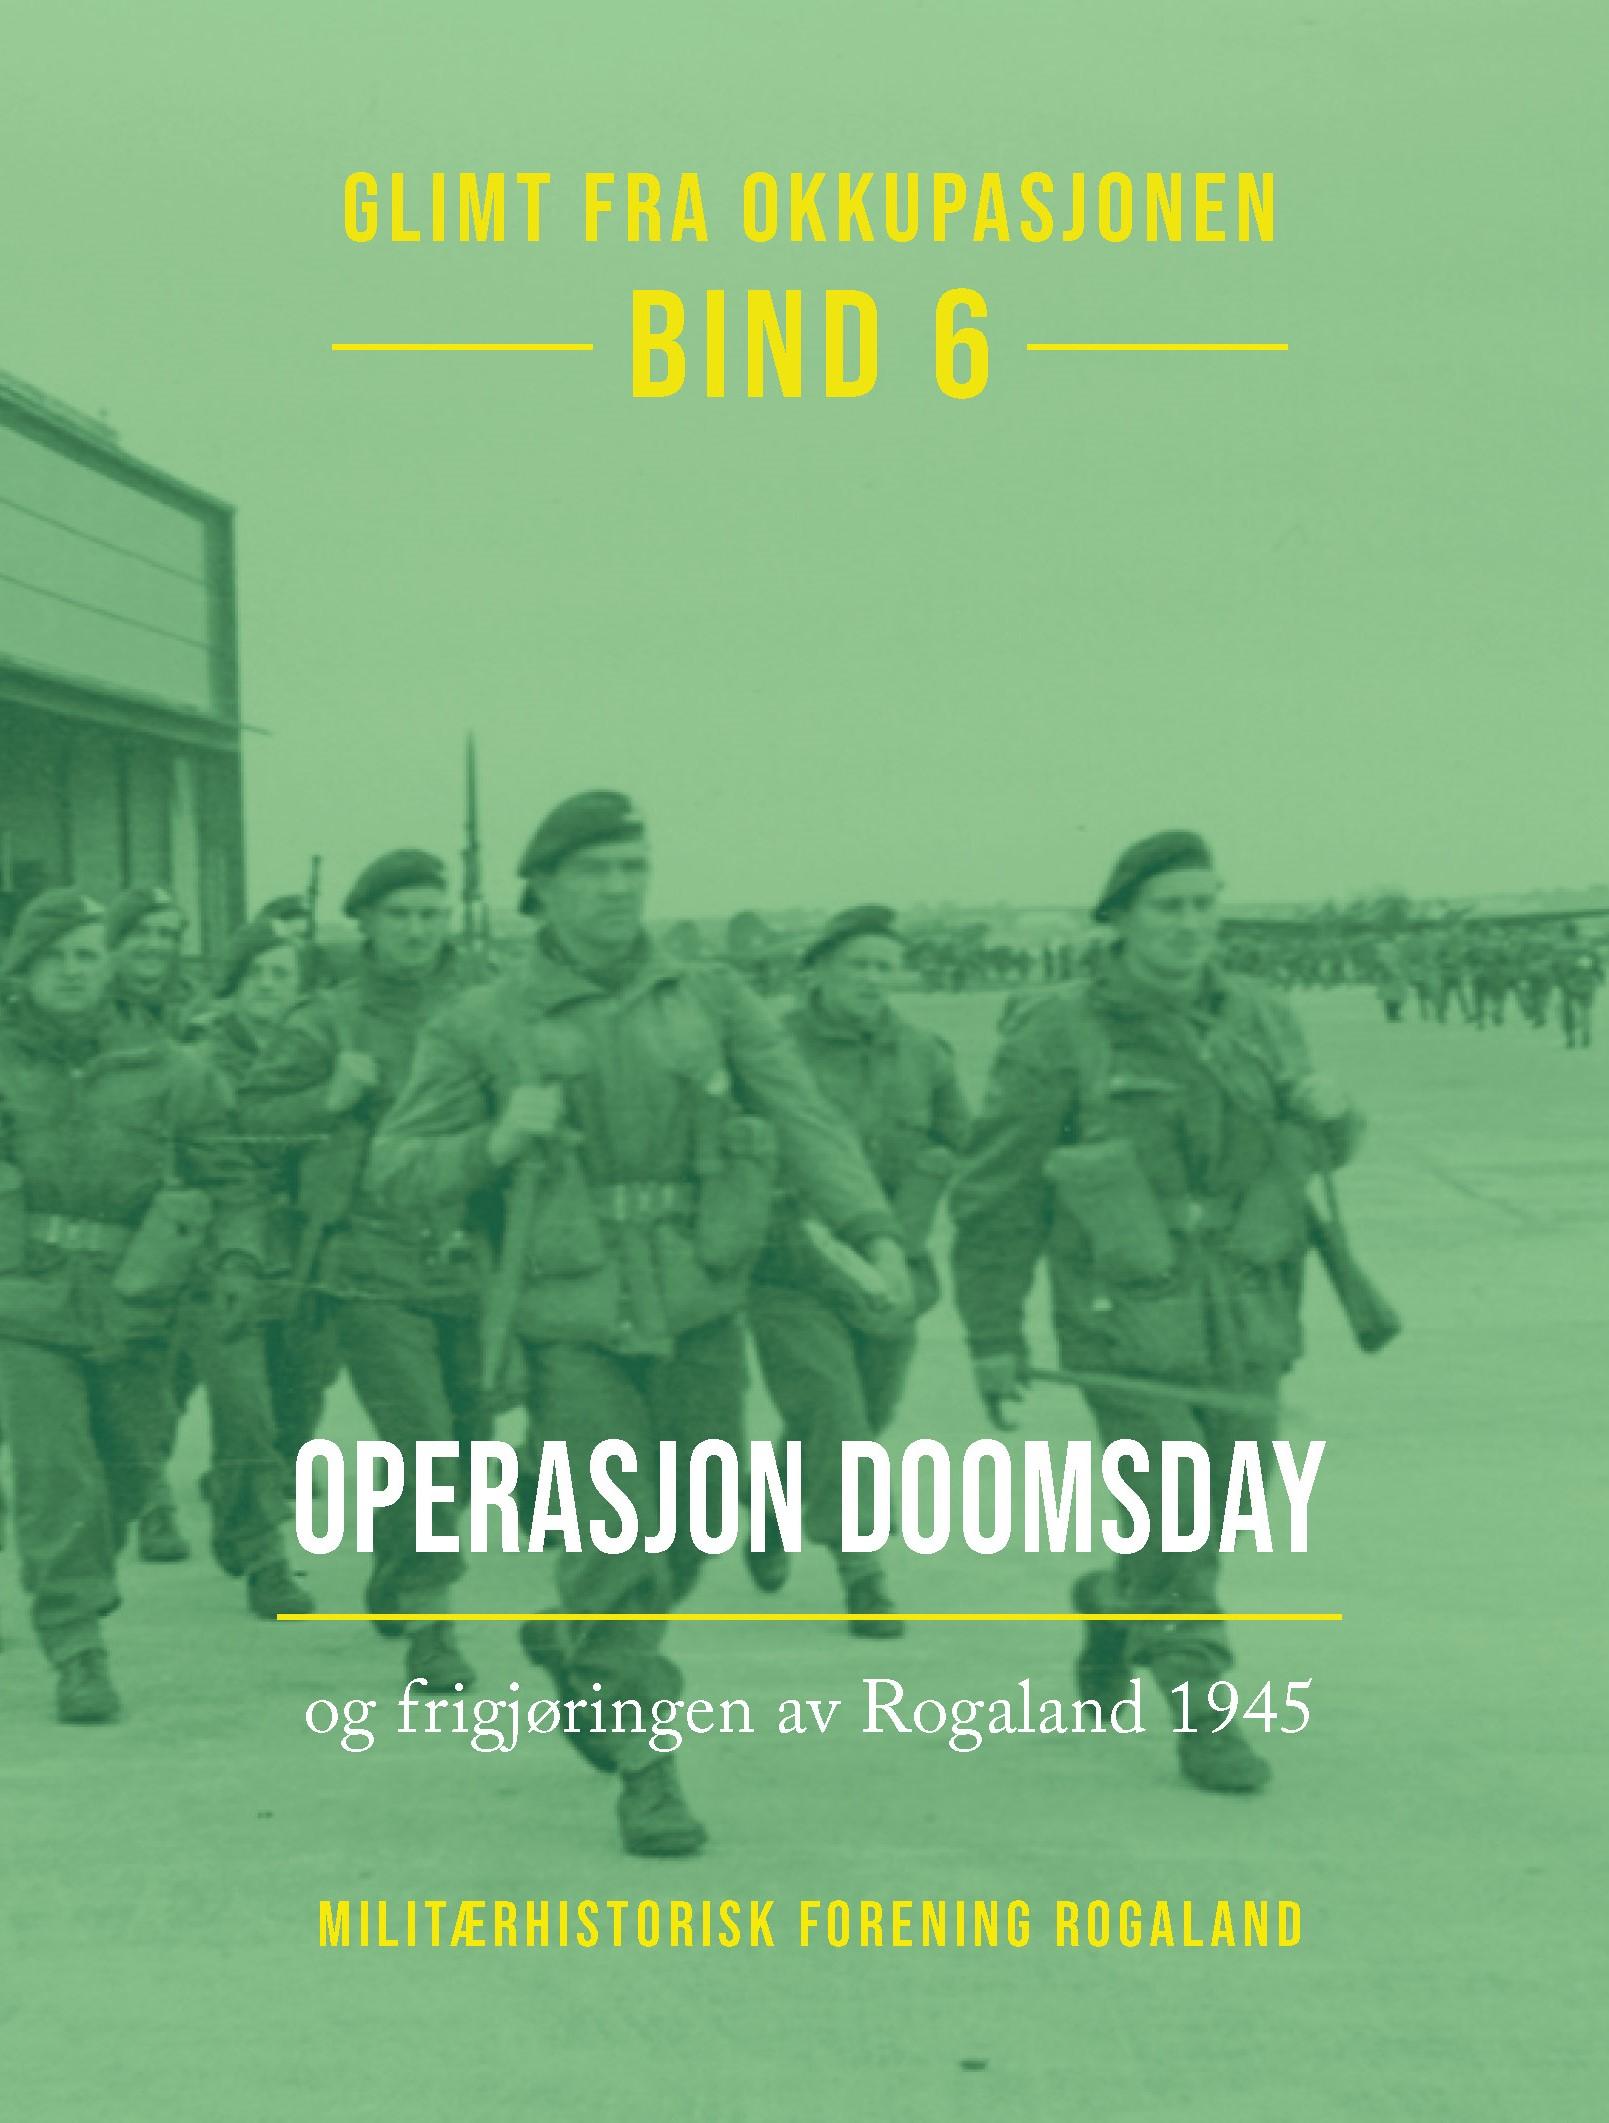 Operasjon Doomsday og frigjøringen av Rogaland 1945